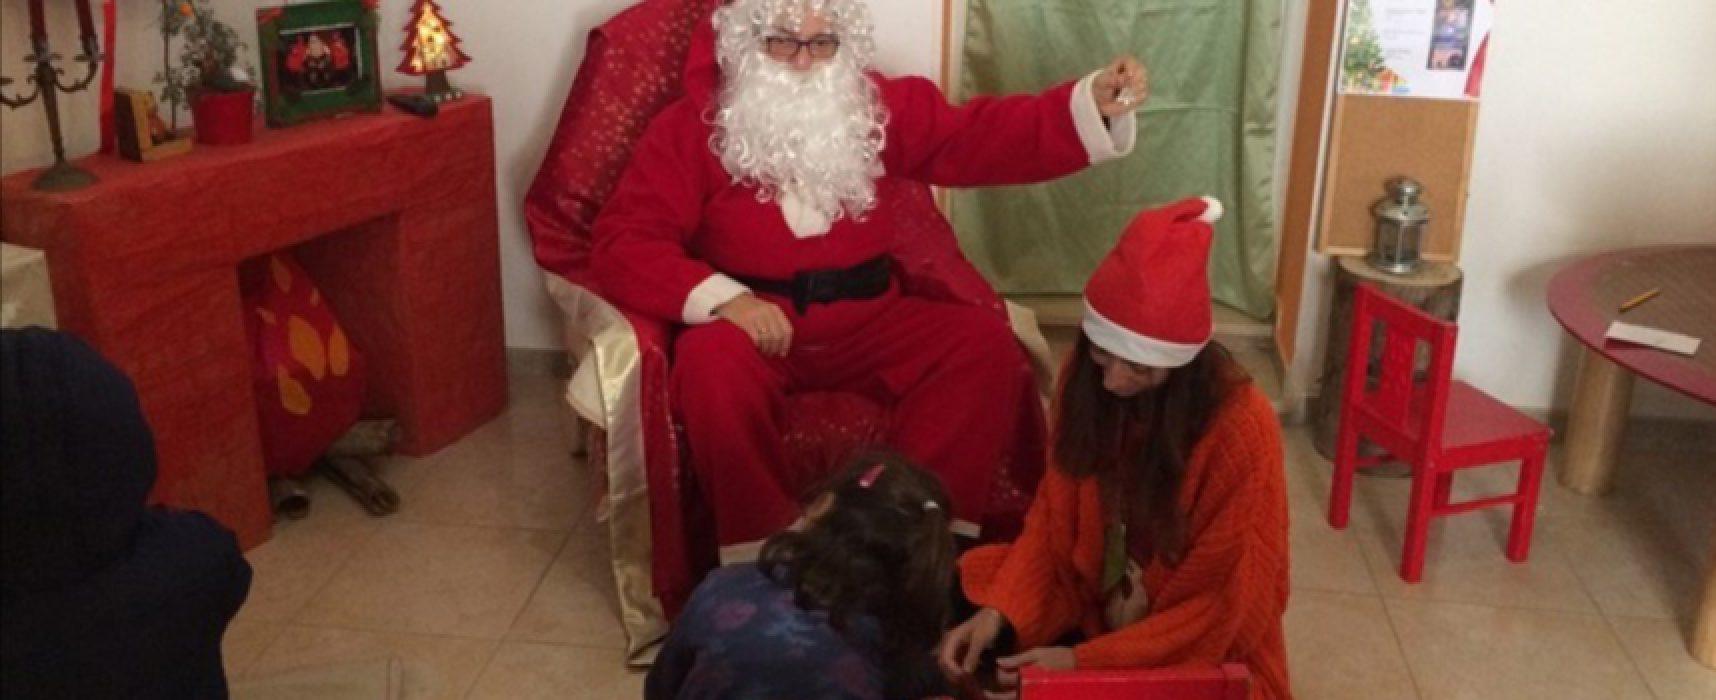 """Scrivere la letterina insieme a Babbo Natale, nella sua casa: l'iniziativa di """"Viale dei Ciliegi,17"""""""